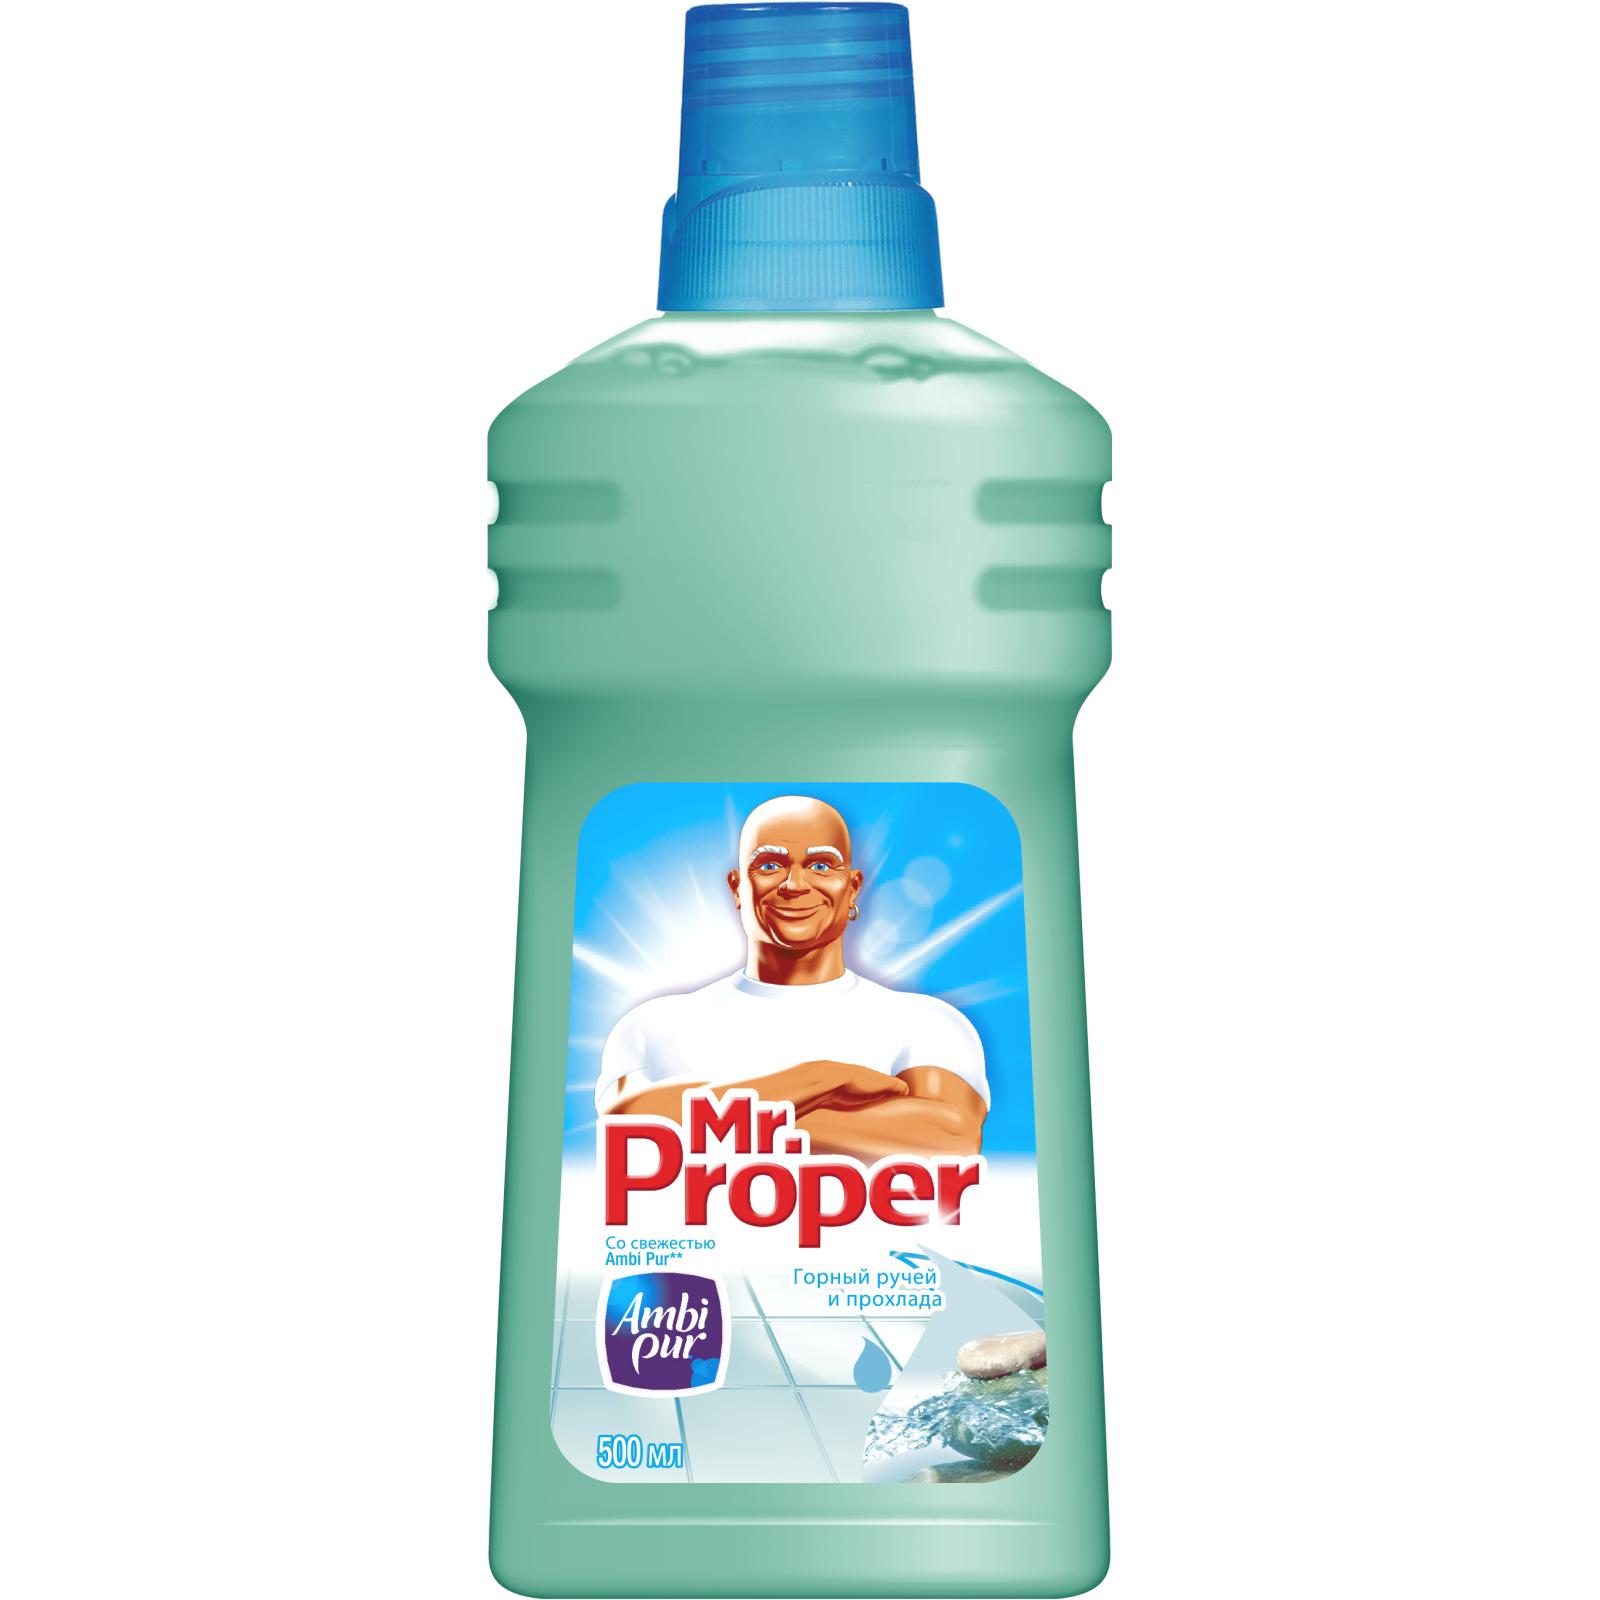 Моющая жидкость для уборки Mr. Proper для полов и стен Горный ручей и прохлада 500 мл (5410076978434)